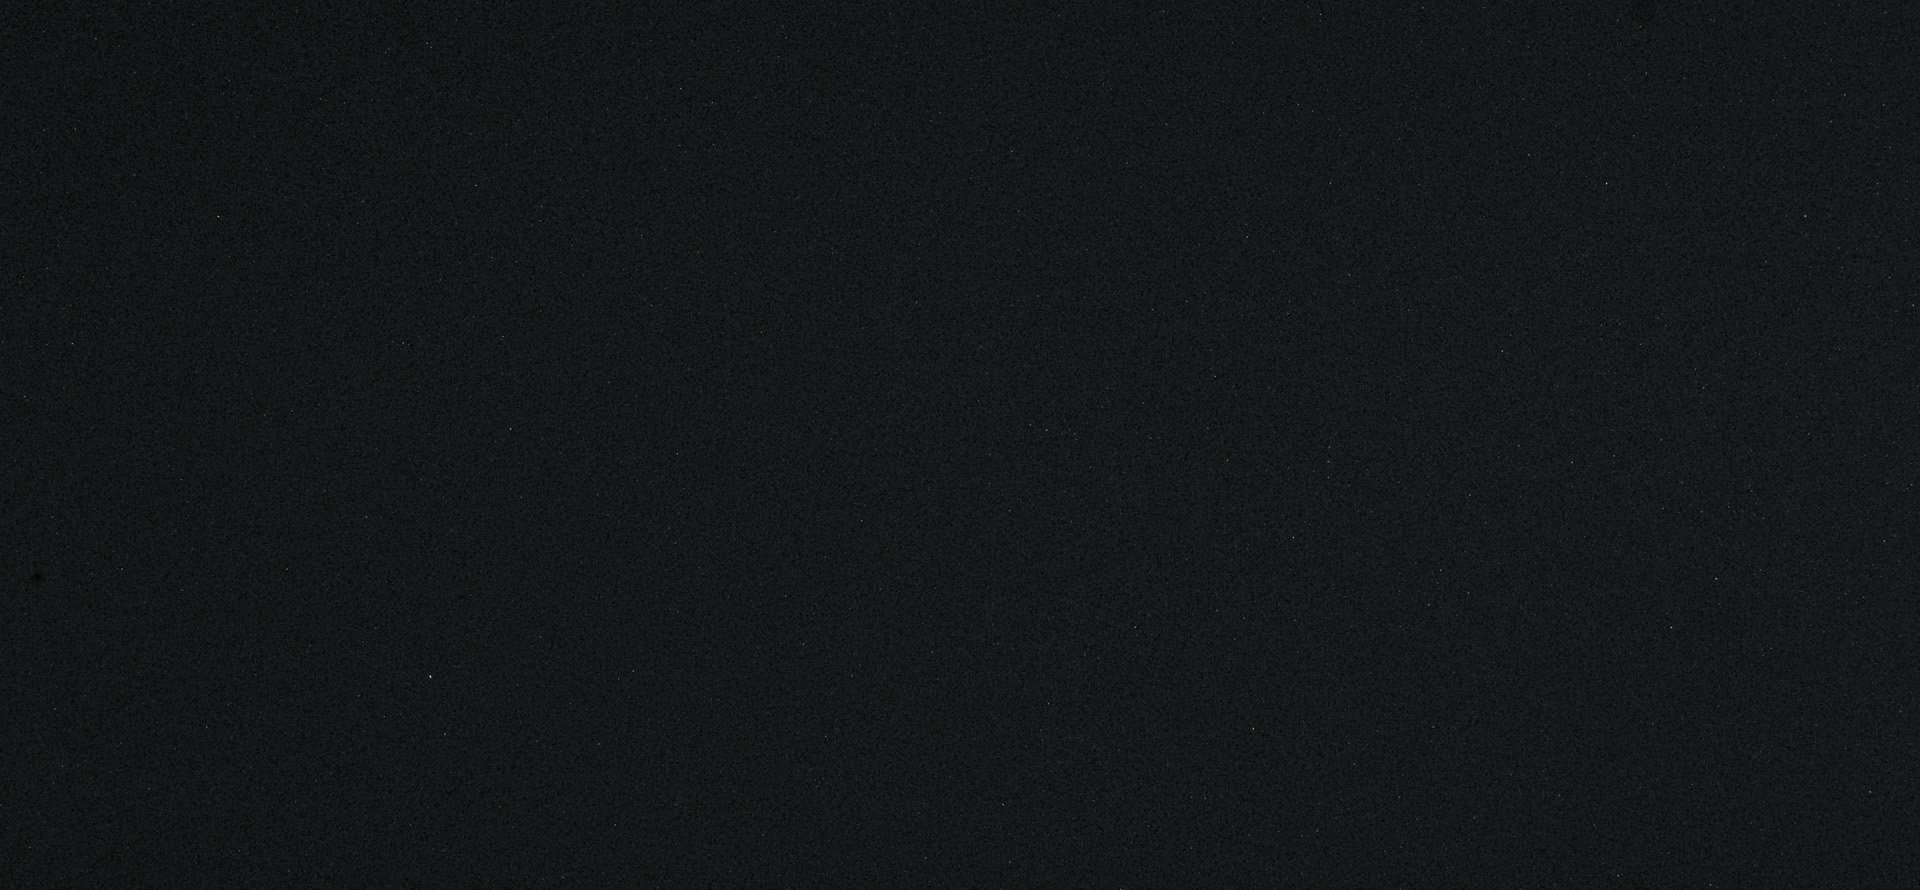 3101 Piatto Черный